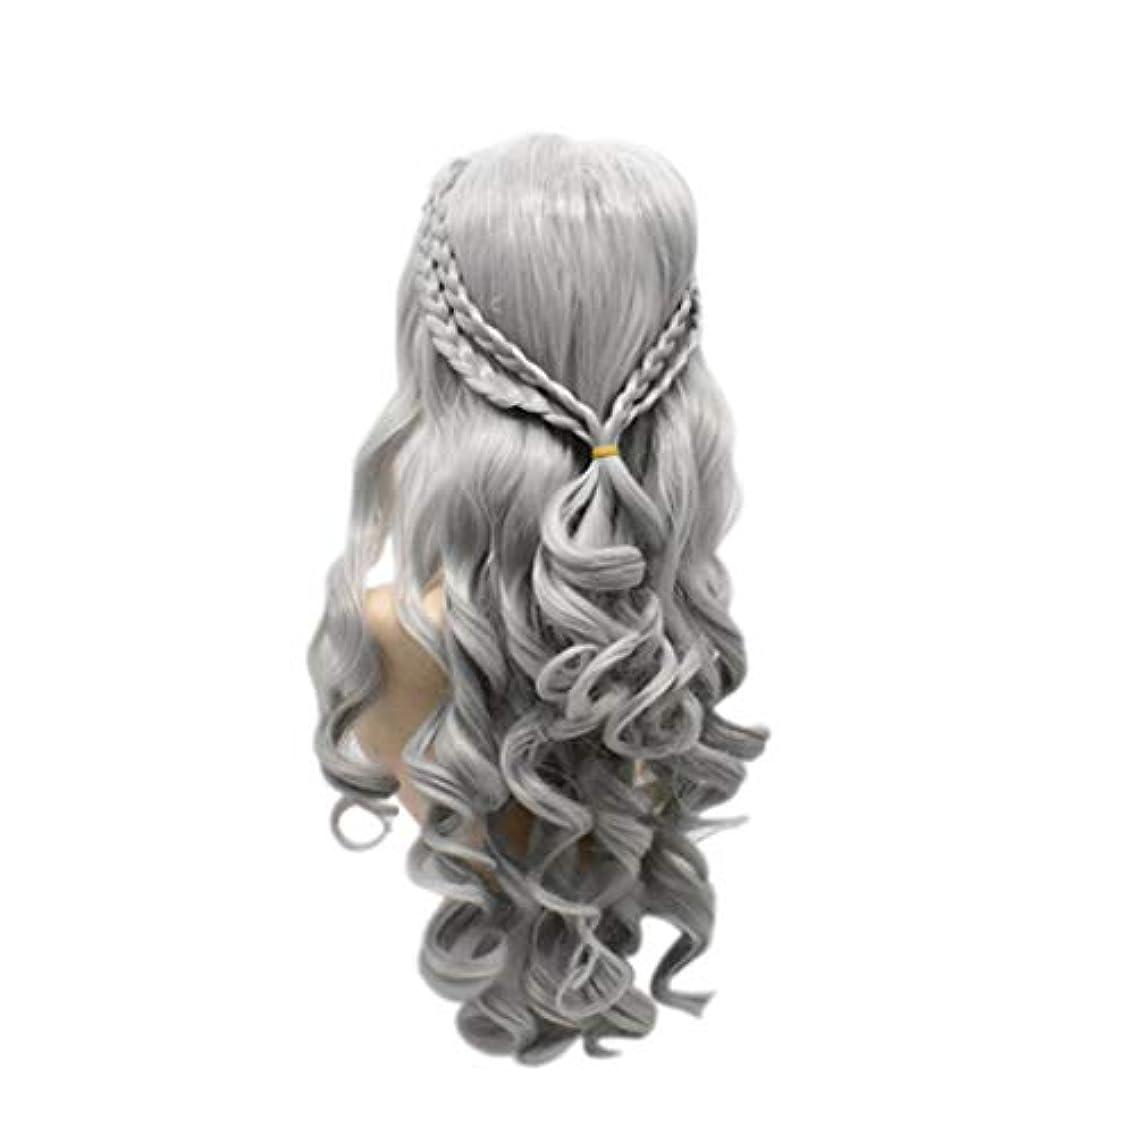 ペッカディロ怖い丘女性のための長い巻き毛のかつら気質顔ハイエンドのかつら自然に見える耐熱合成ファッションかつらコスプレ,Metallic